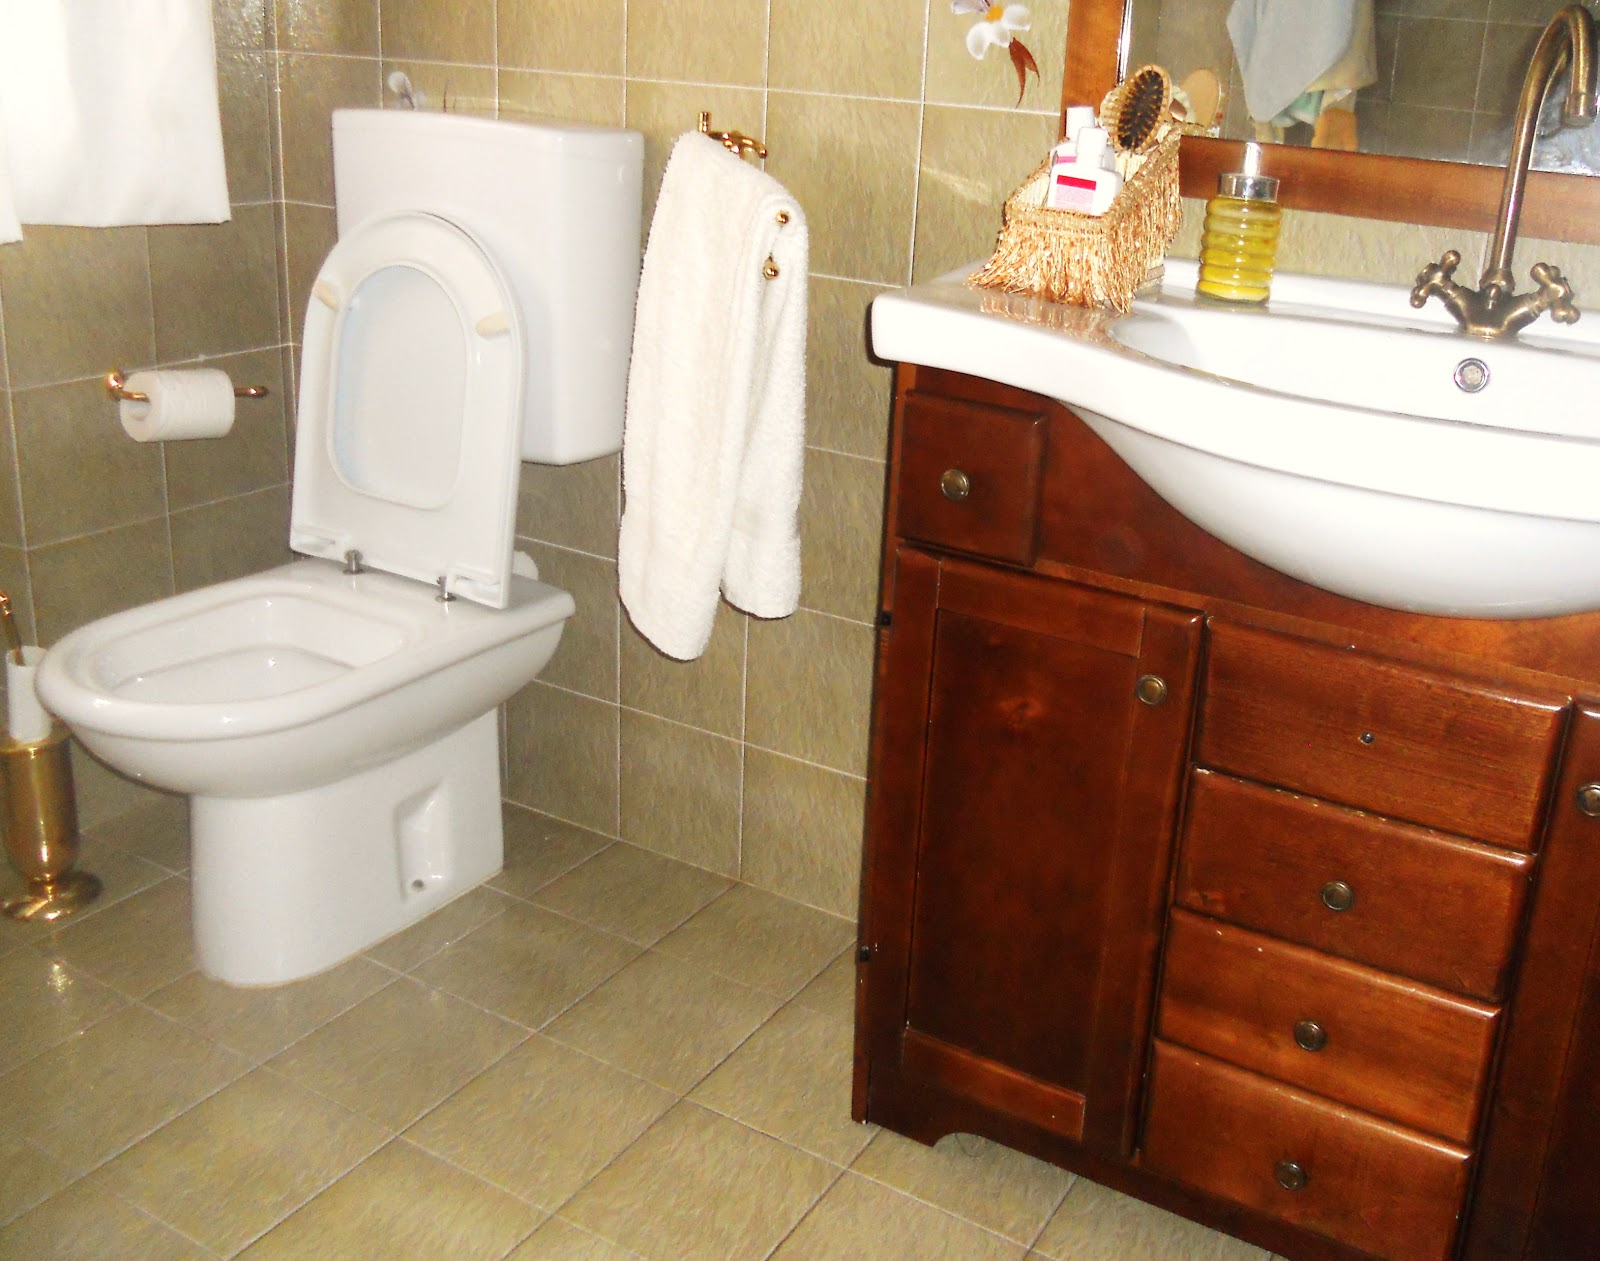 Eco pulizie del bagno maghella di casa - Mia suocera in bagno ...